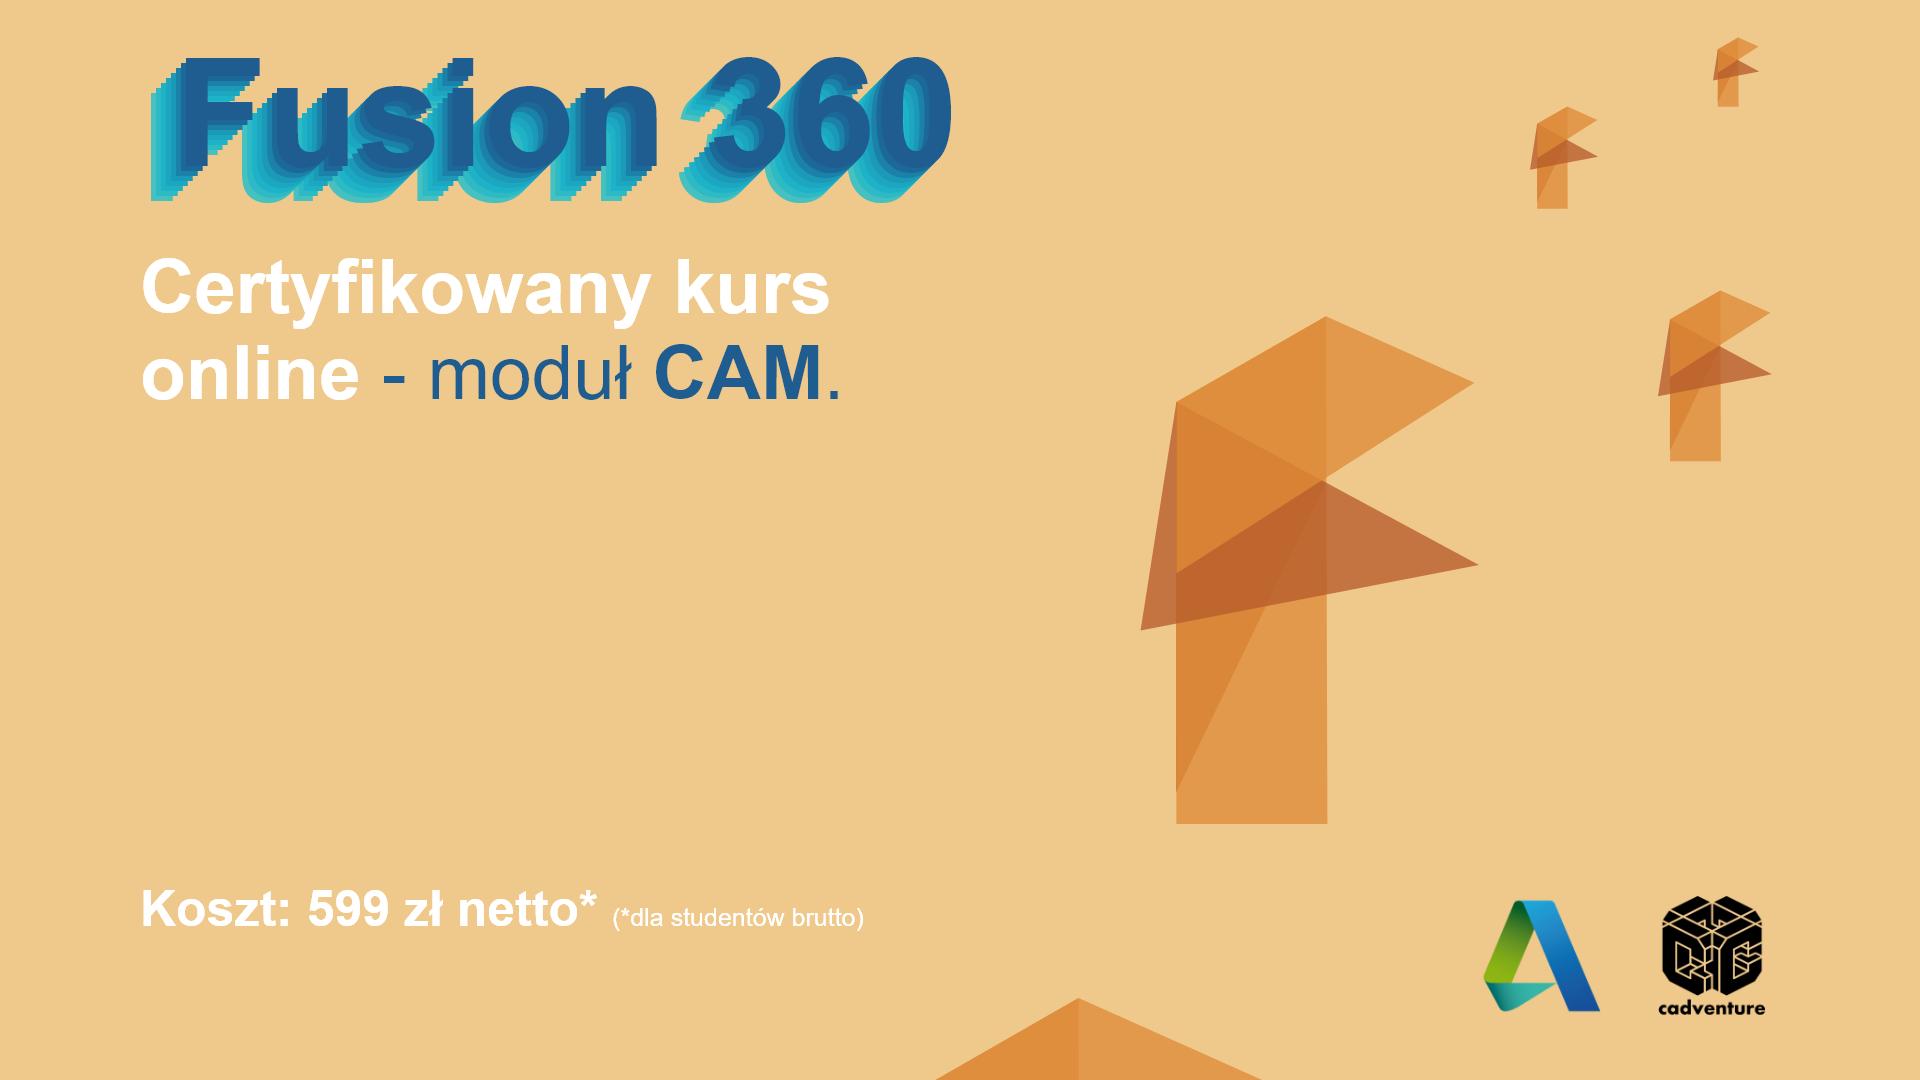 Fusion 360 CAM